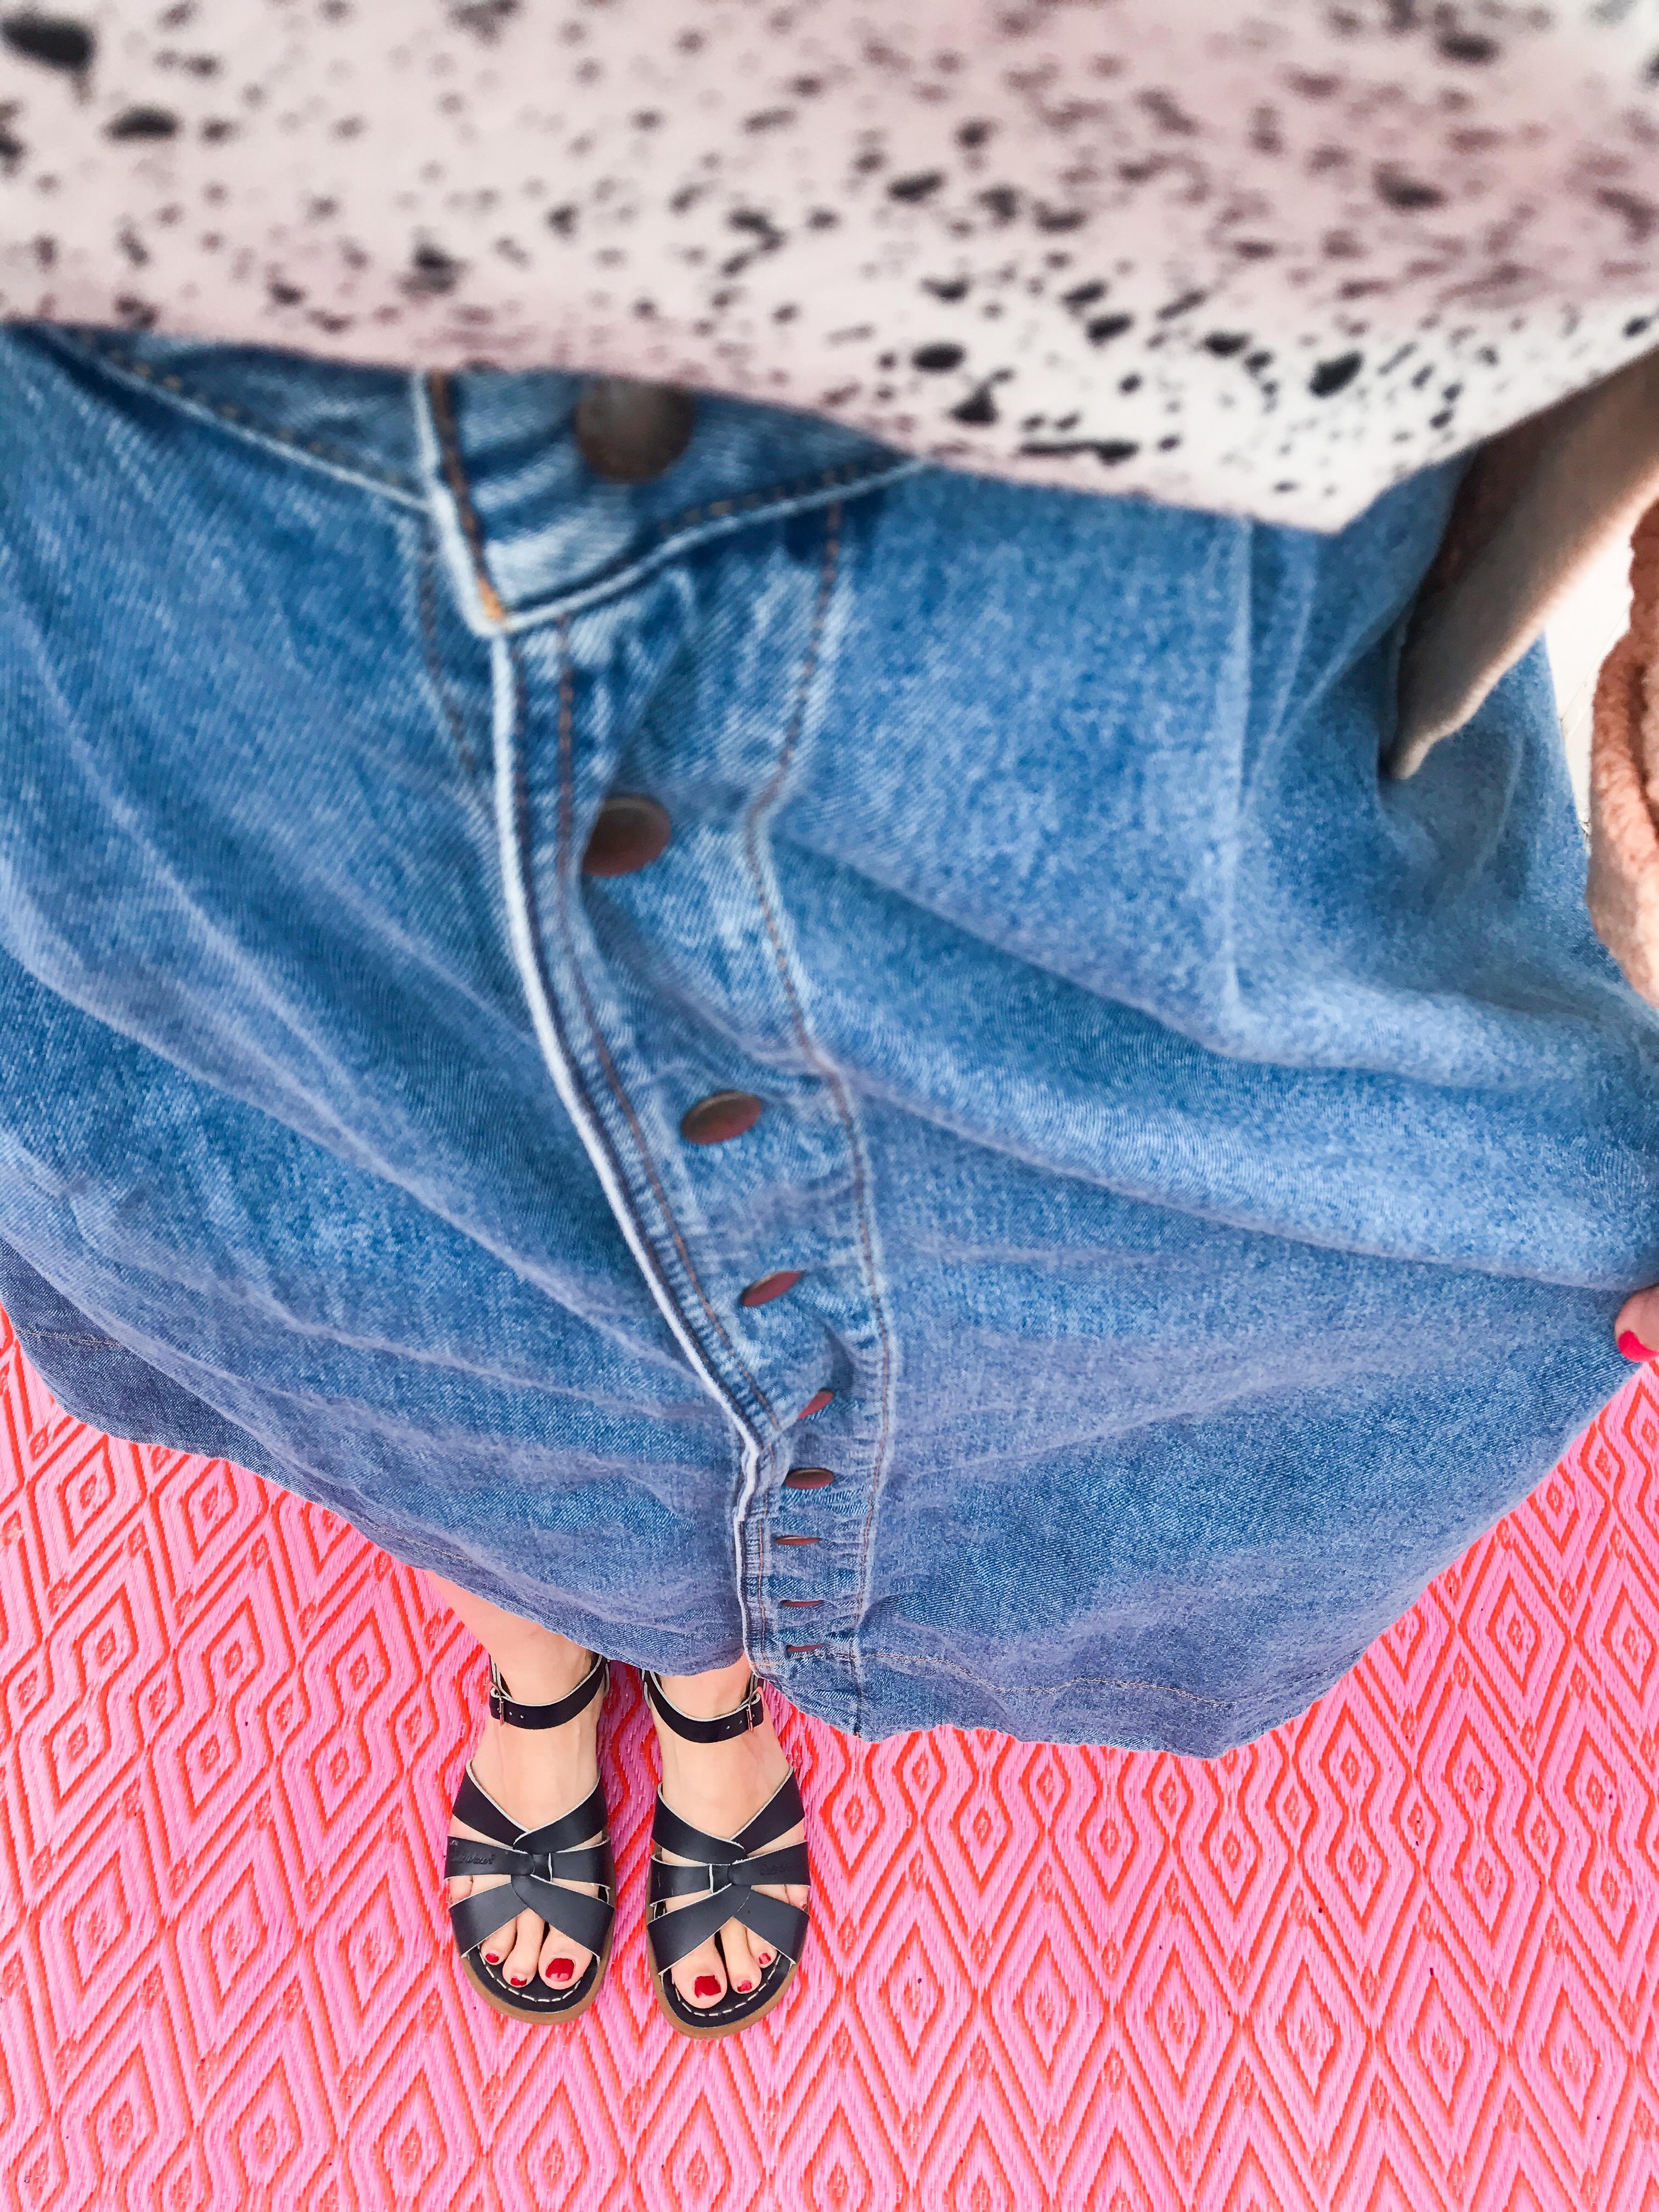 Outdoor Teppich in Pink gemustert - perfekter Untergrund für's Outfit Foto